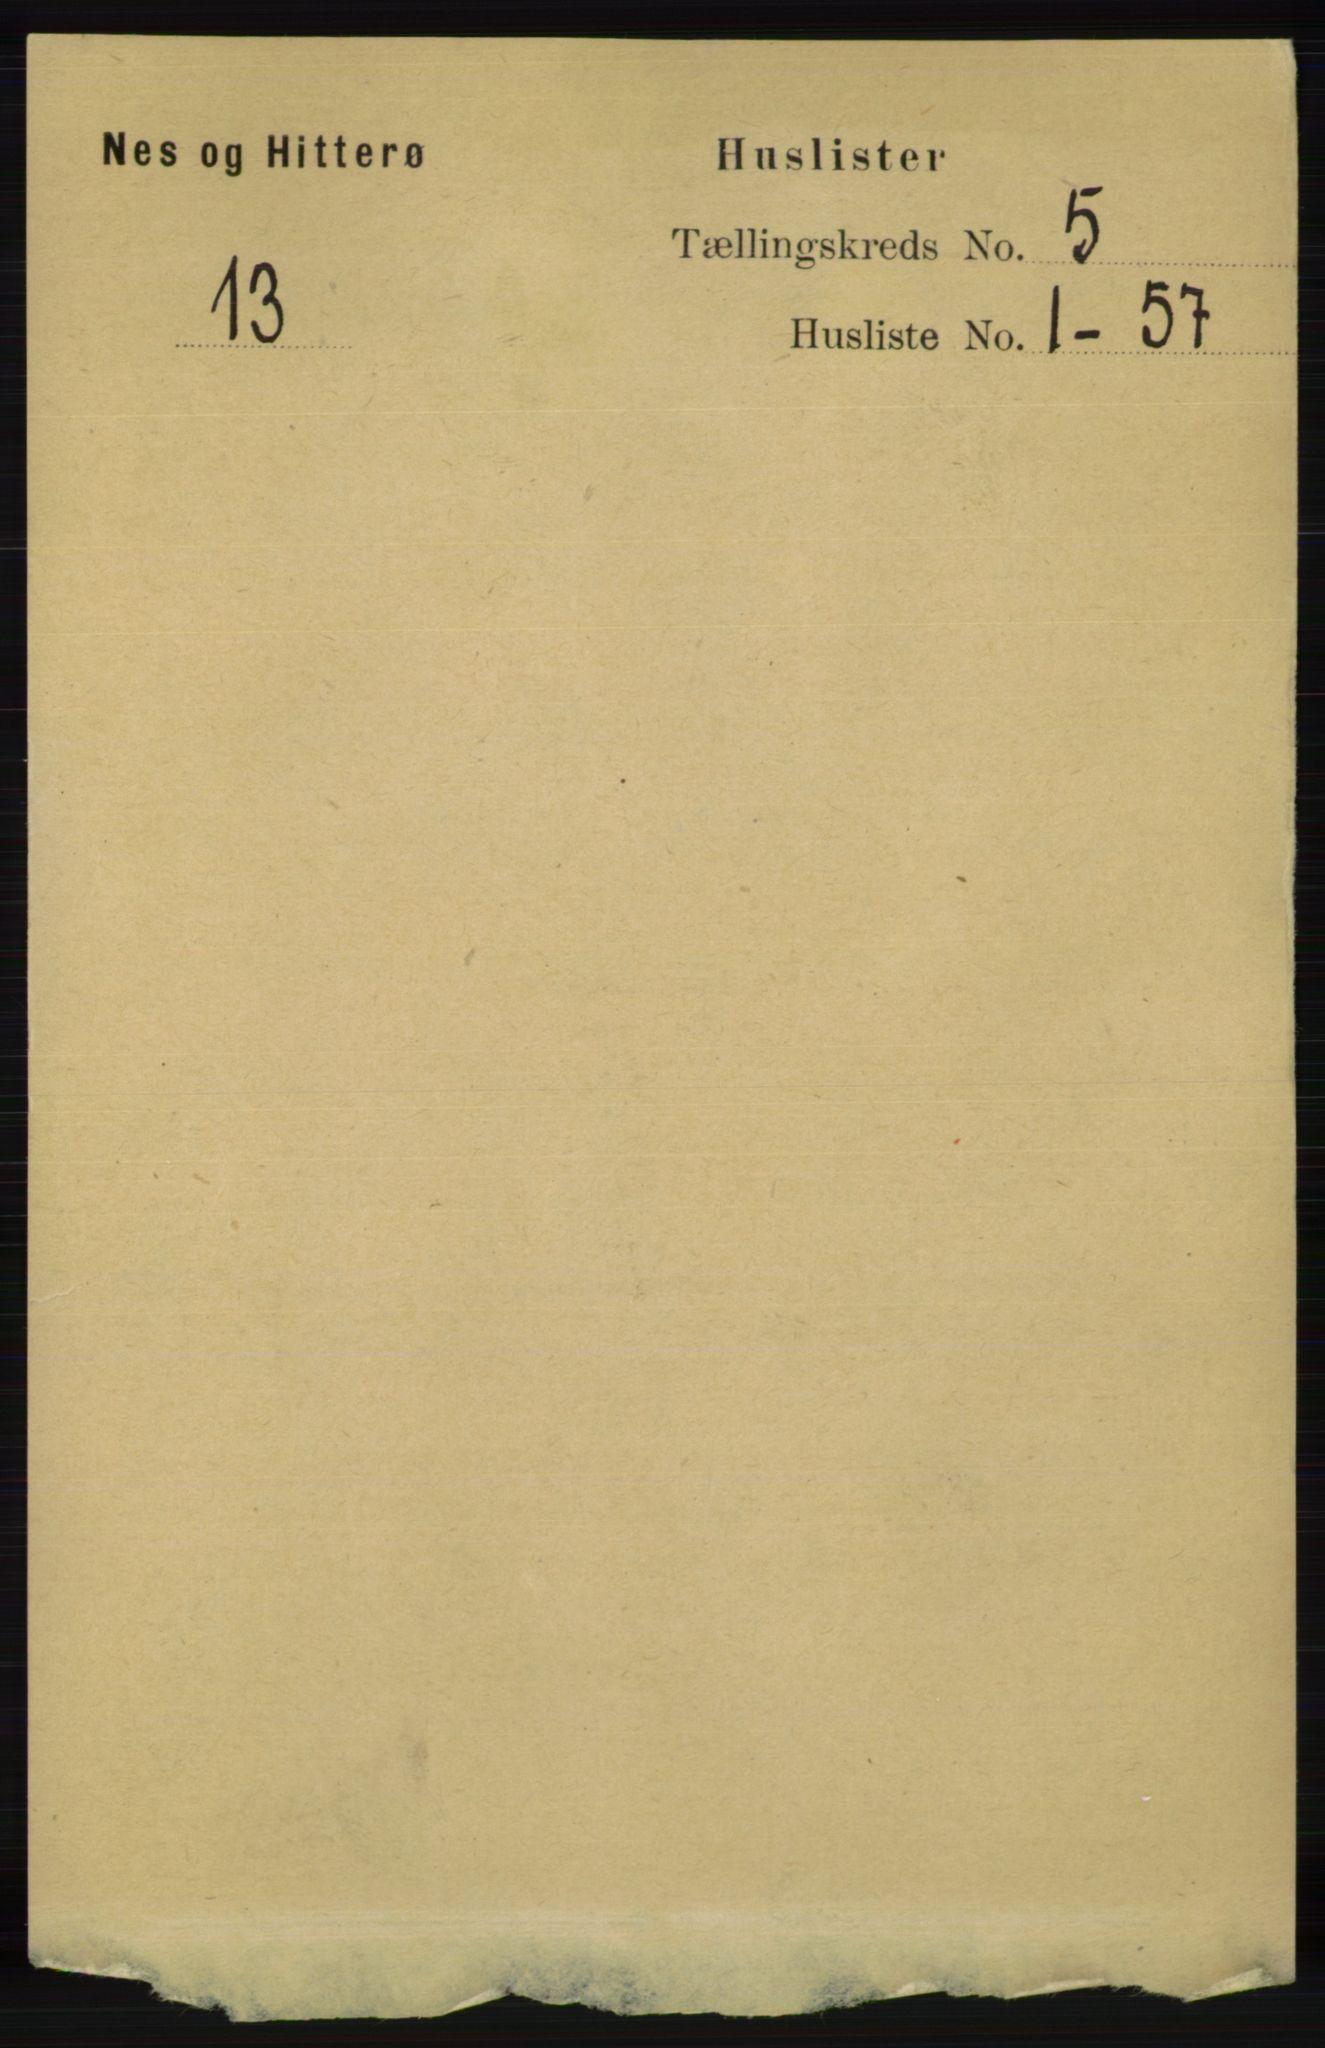 RA, Folketelling 1891 for 1043 Hidra og Nes herred, 1891, s. 1793